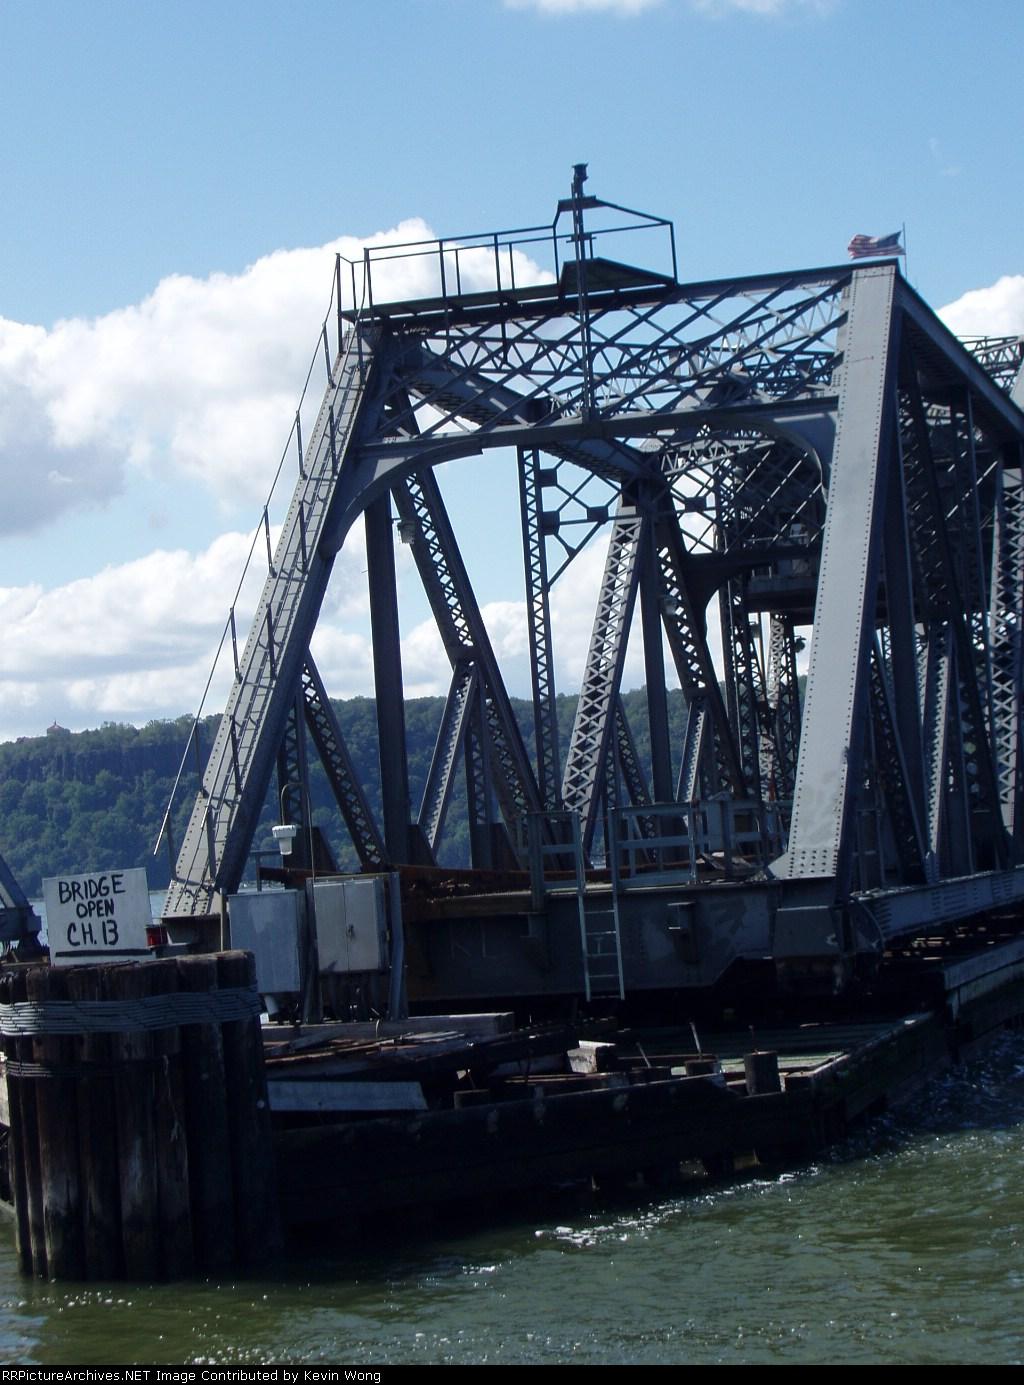 center swing span of Amtrak Spuyten Duyvil bridge